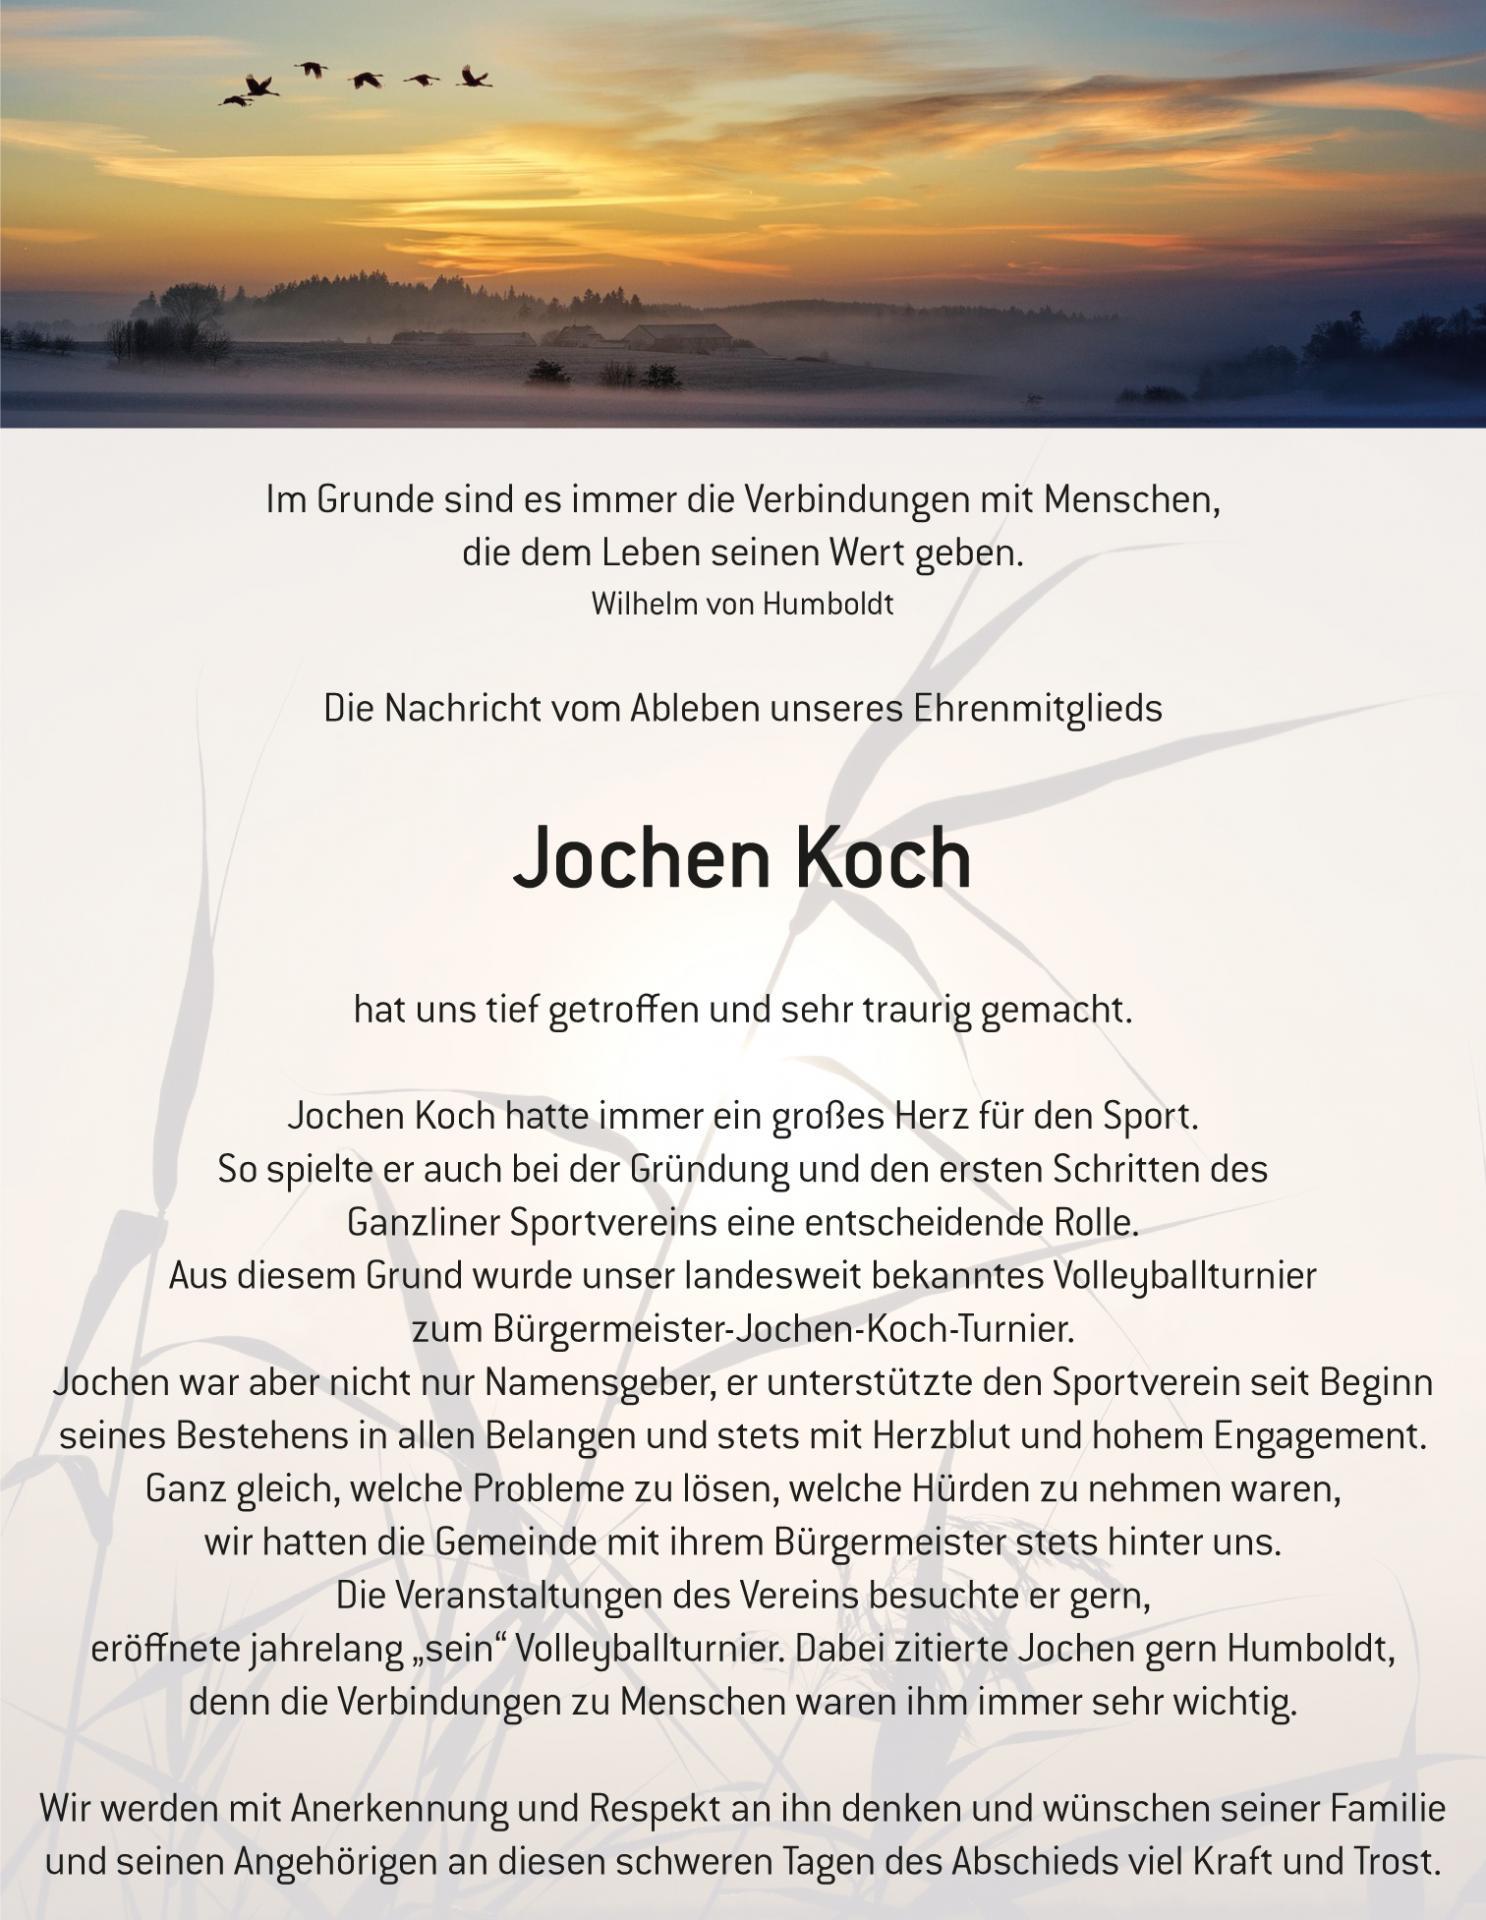 Traueranzeige Jochen Koch